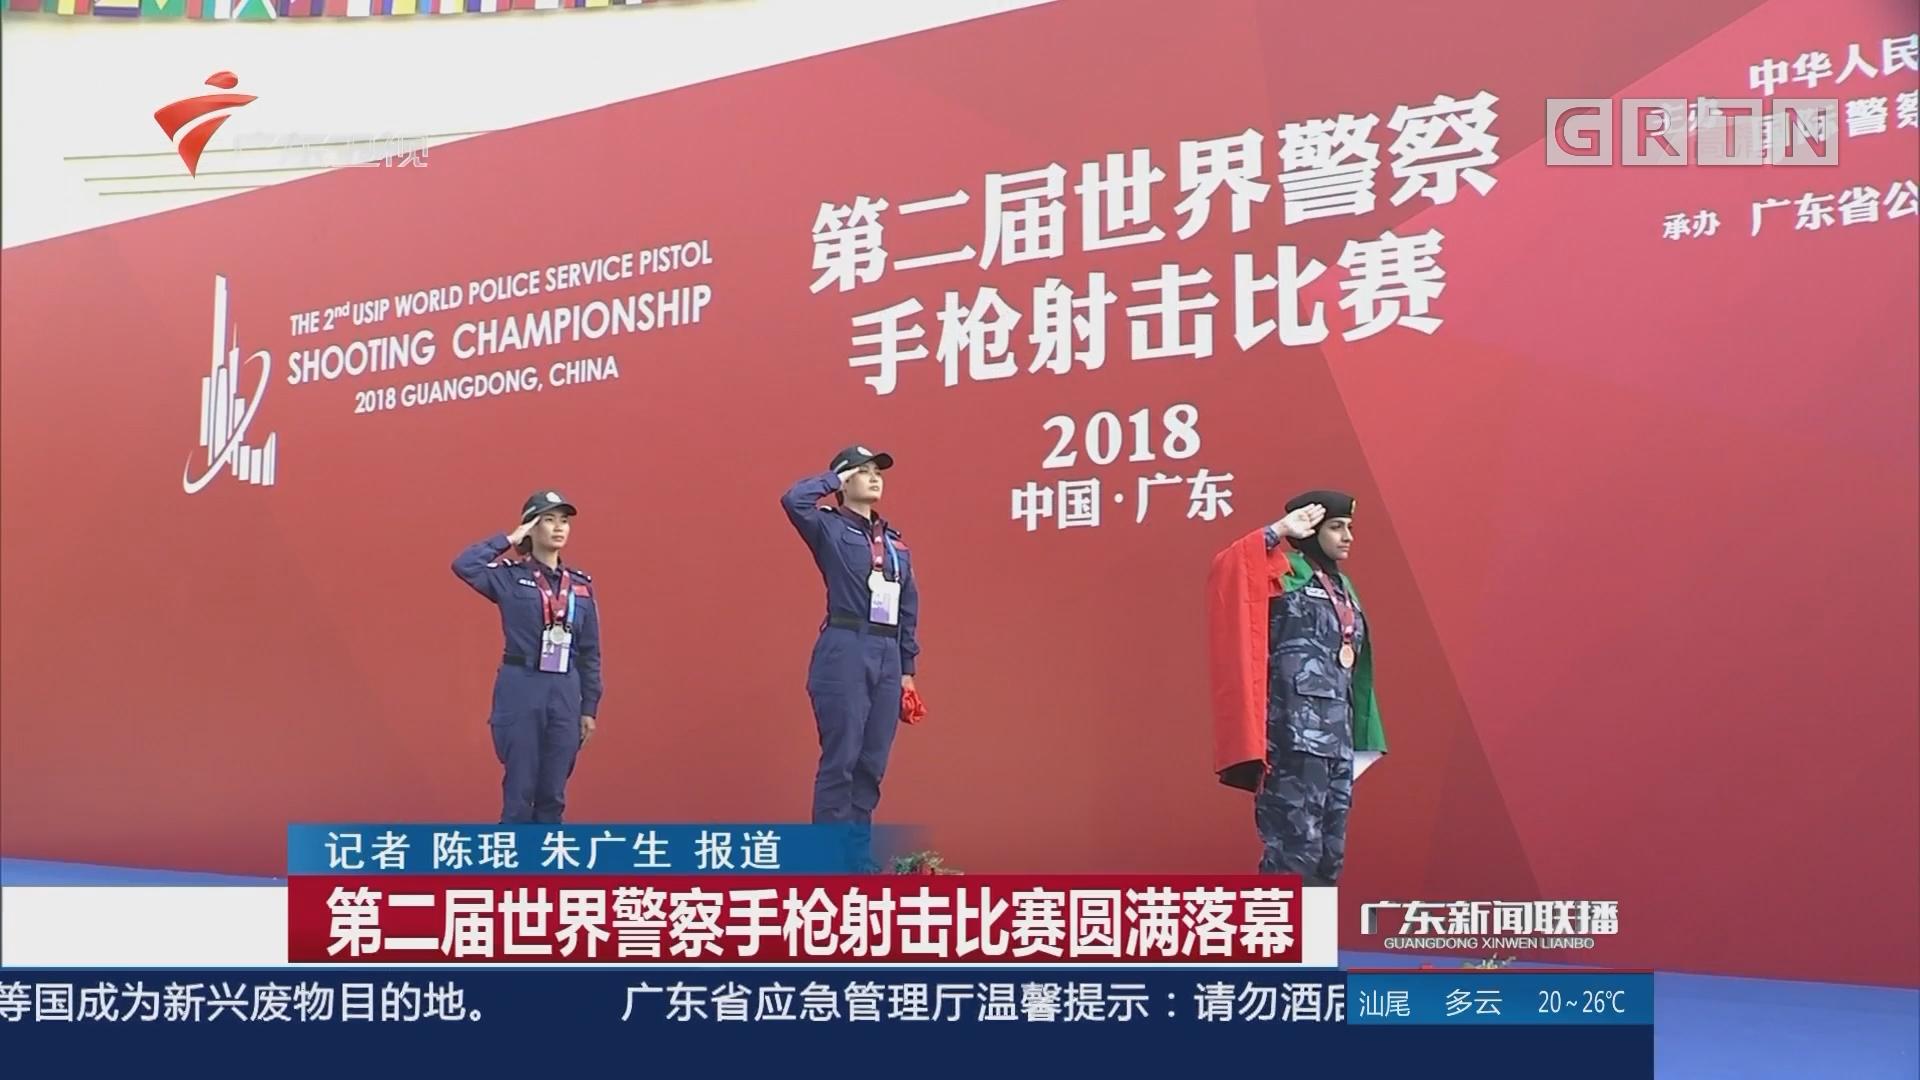 第二届世界警察手枪射击比赛圆满落幕